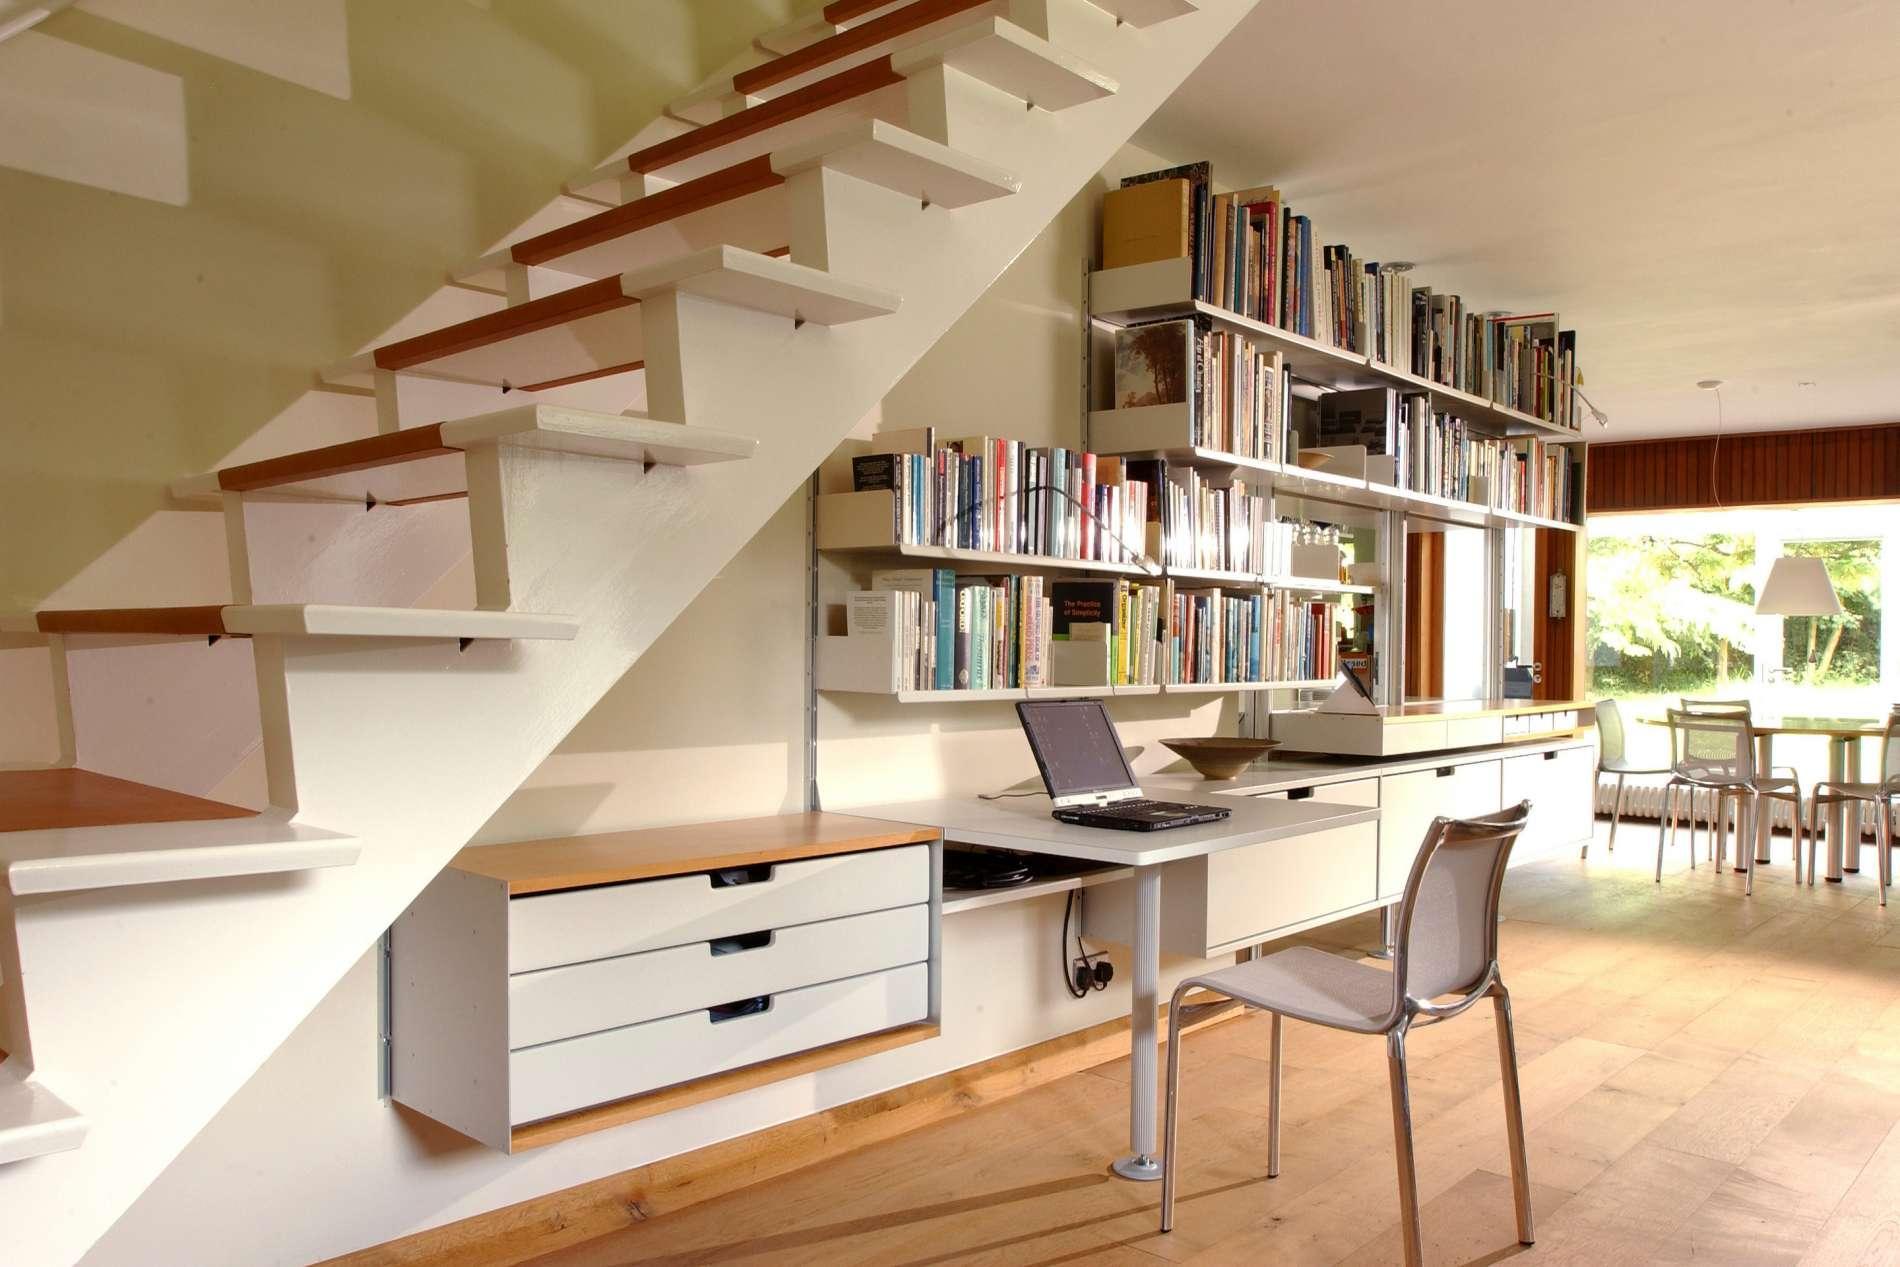 Stop making garbage a guide to designing interfaces that - Dormitorios con poco espacio ...